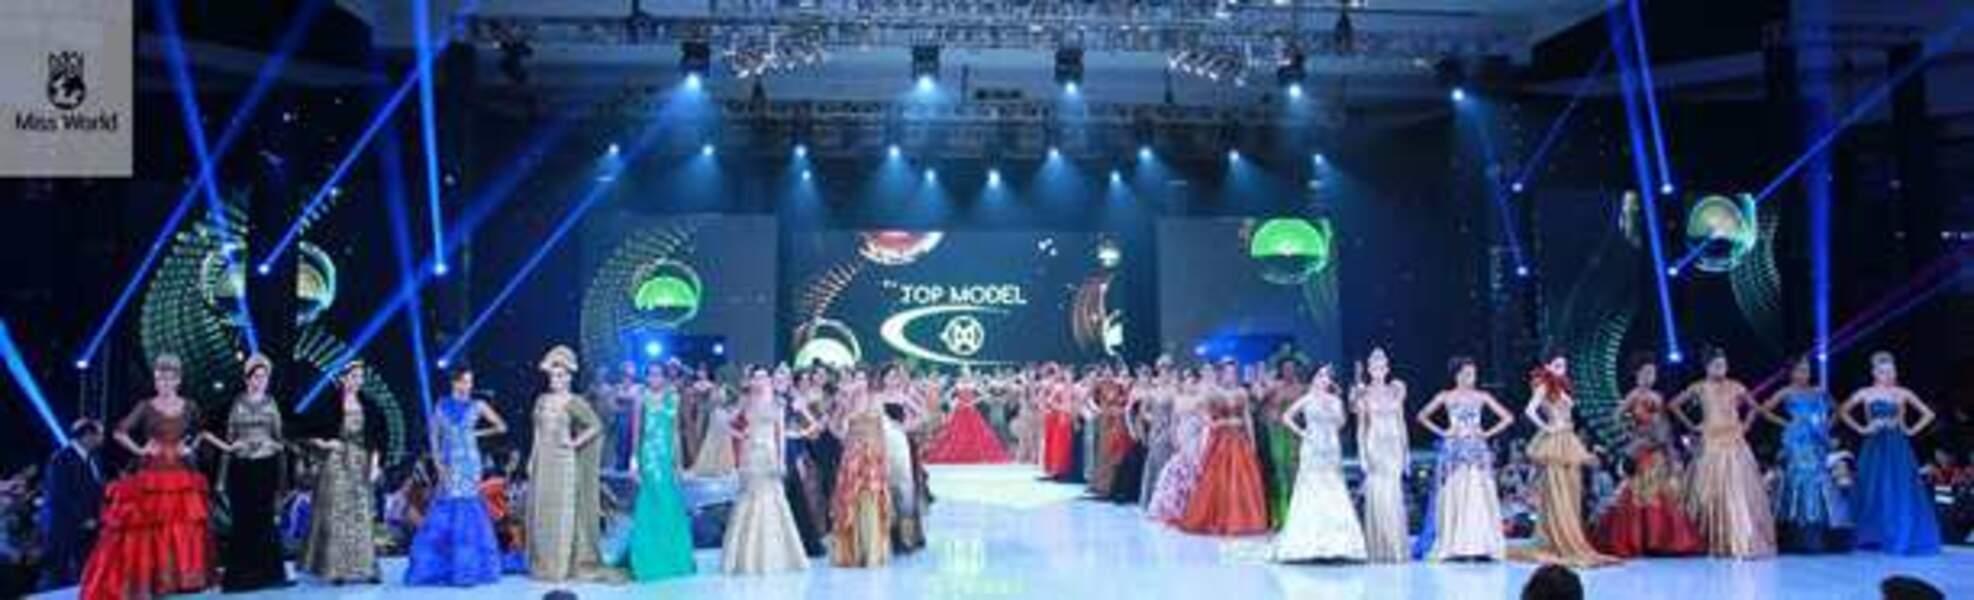 La cérémonie de Miss Top Model